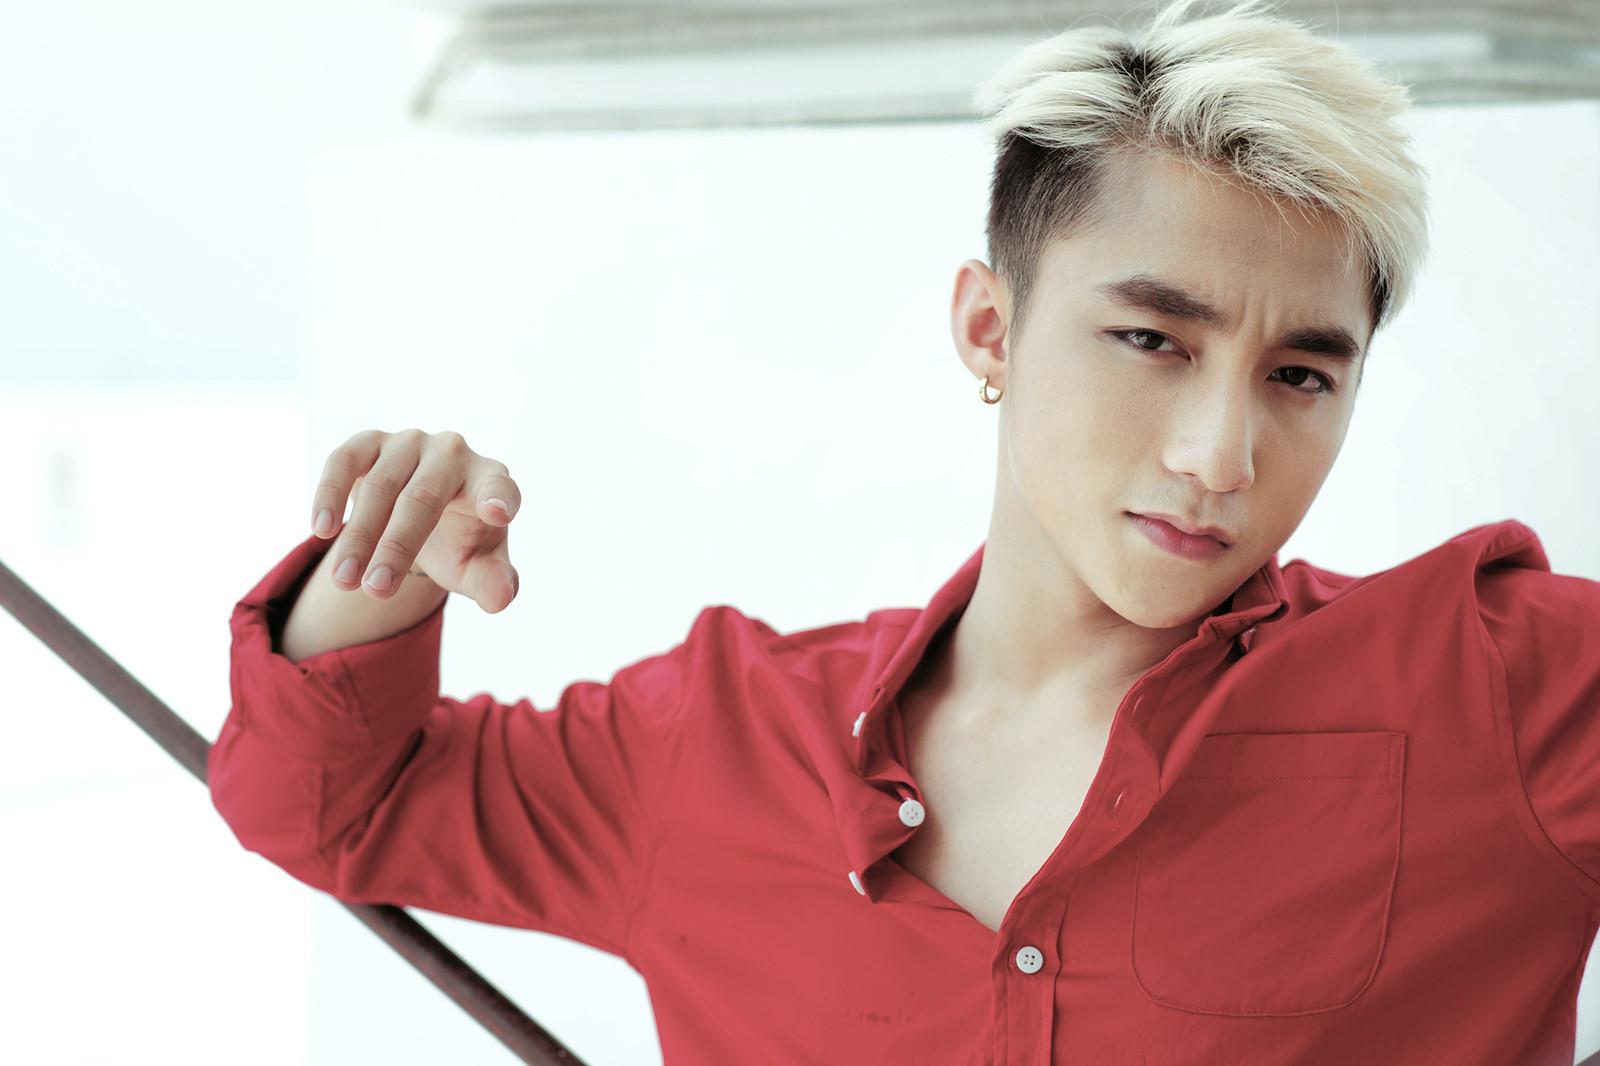 """Đạo nhạc: """"Đường tắt"""" để trở thành """"Hoàng tử V-pop"""" của Sơn Tùng? - Ảnh 1"""